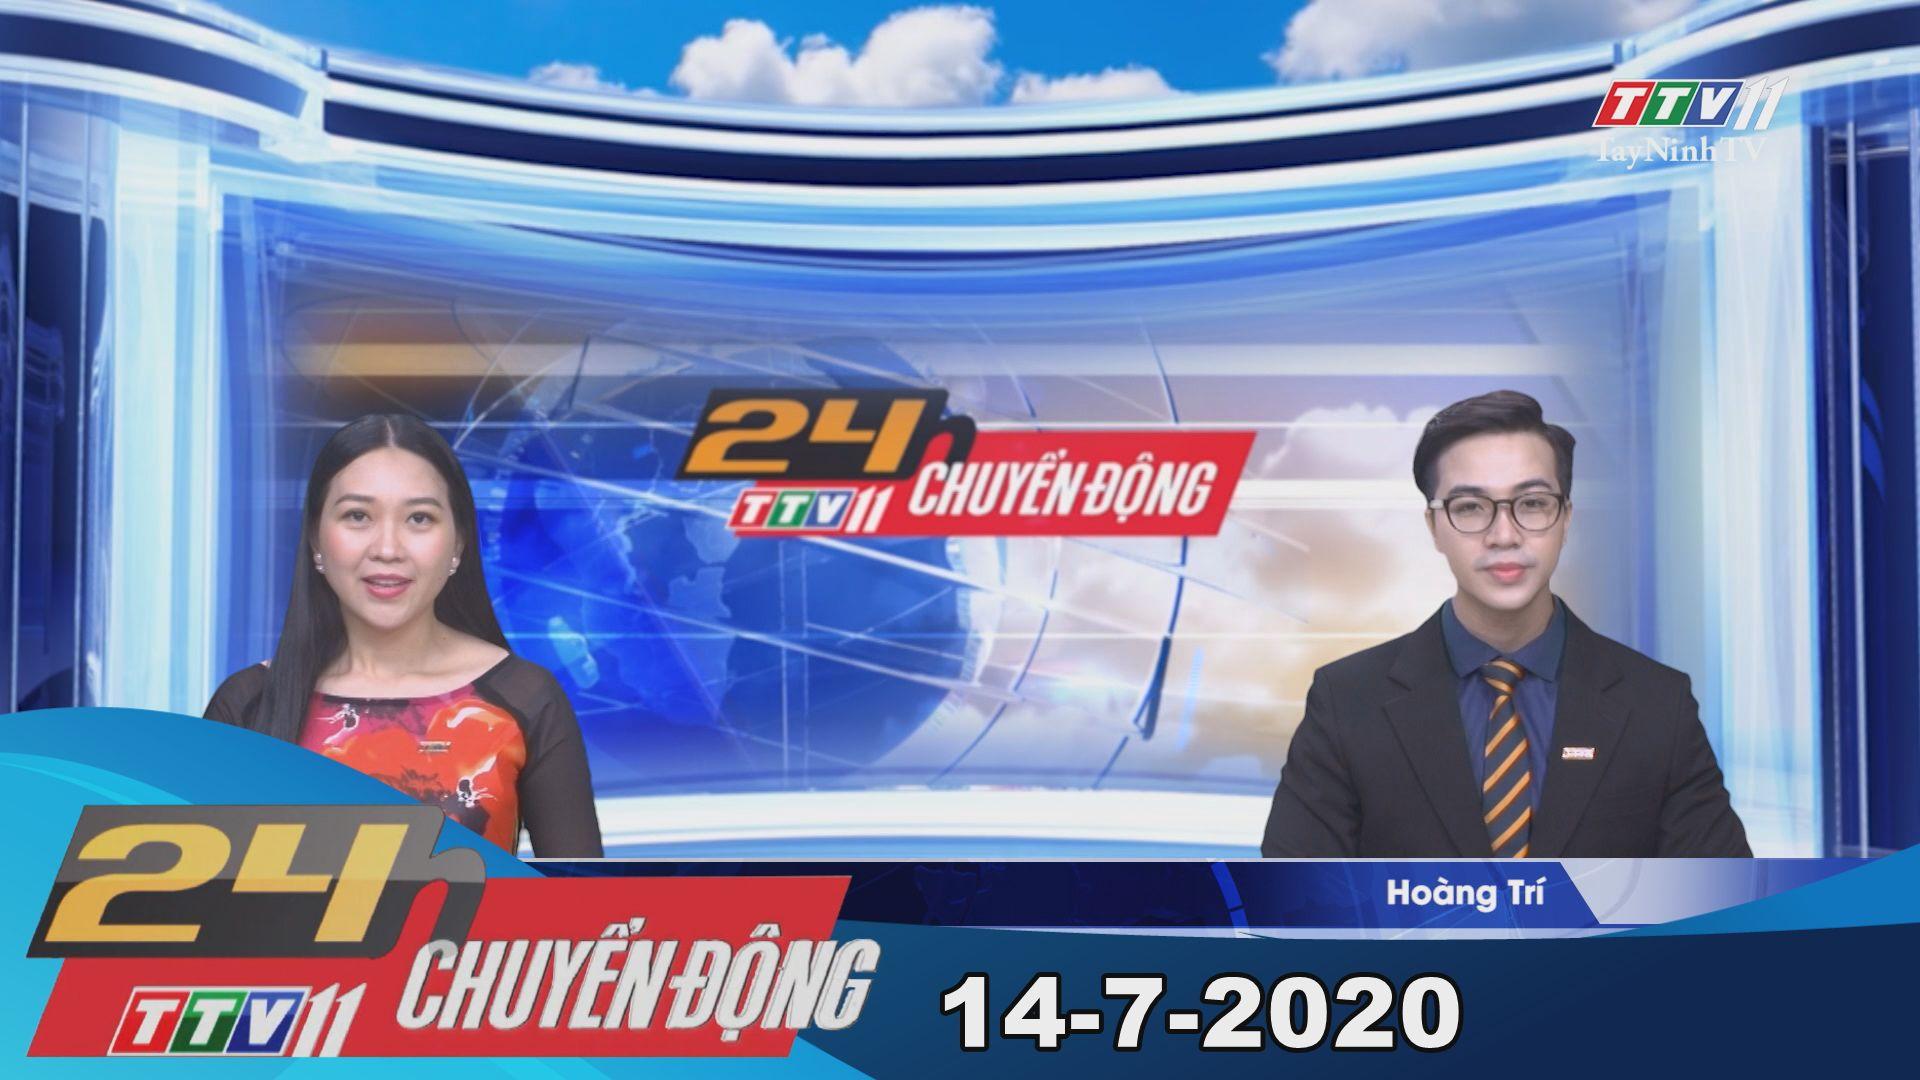 24h Chuyển động 14-7-2020 | Tin tức hôm nay | TayNinhTV